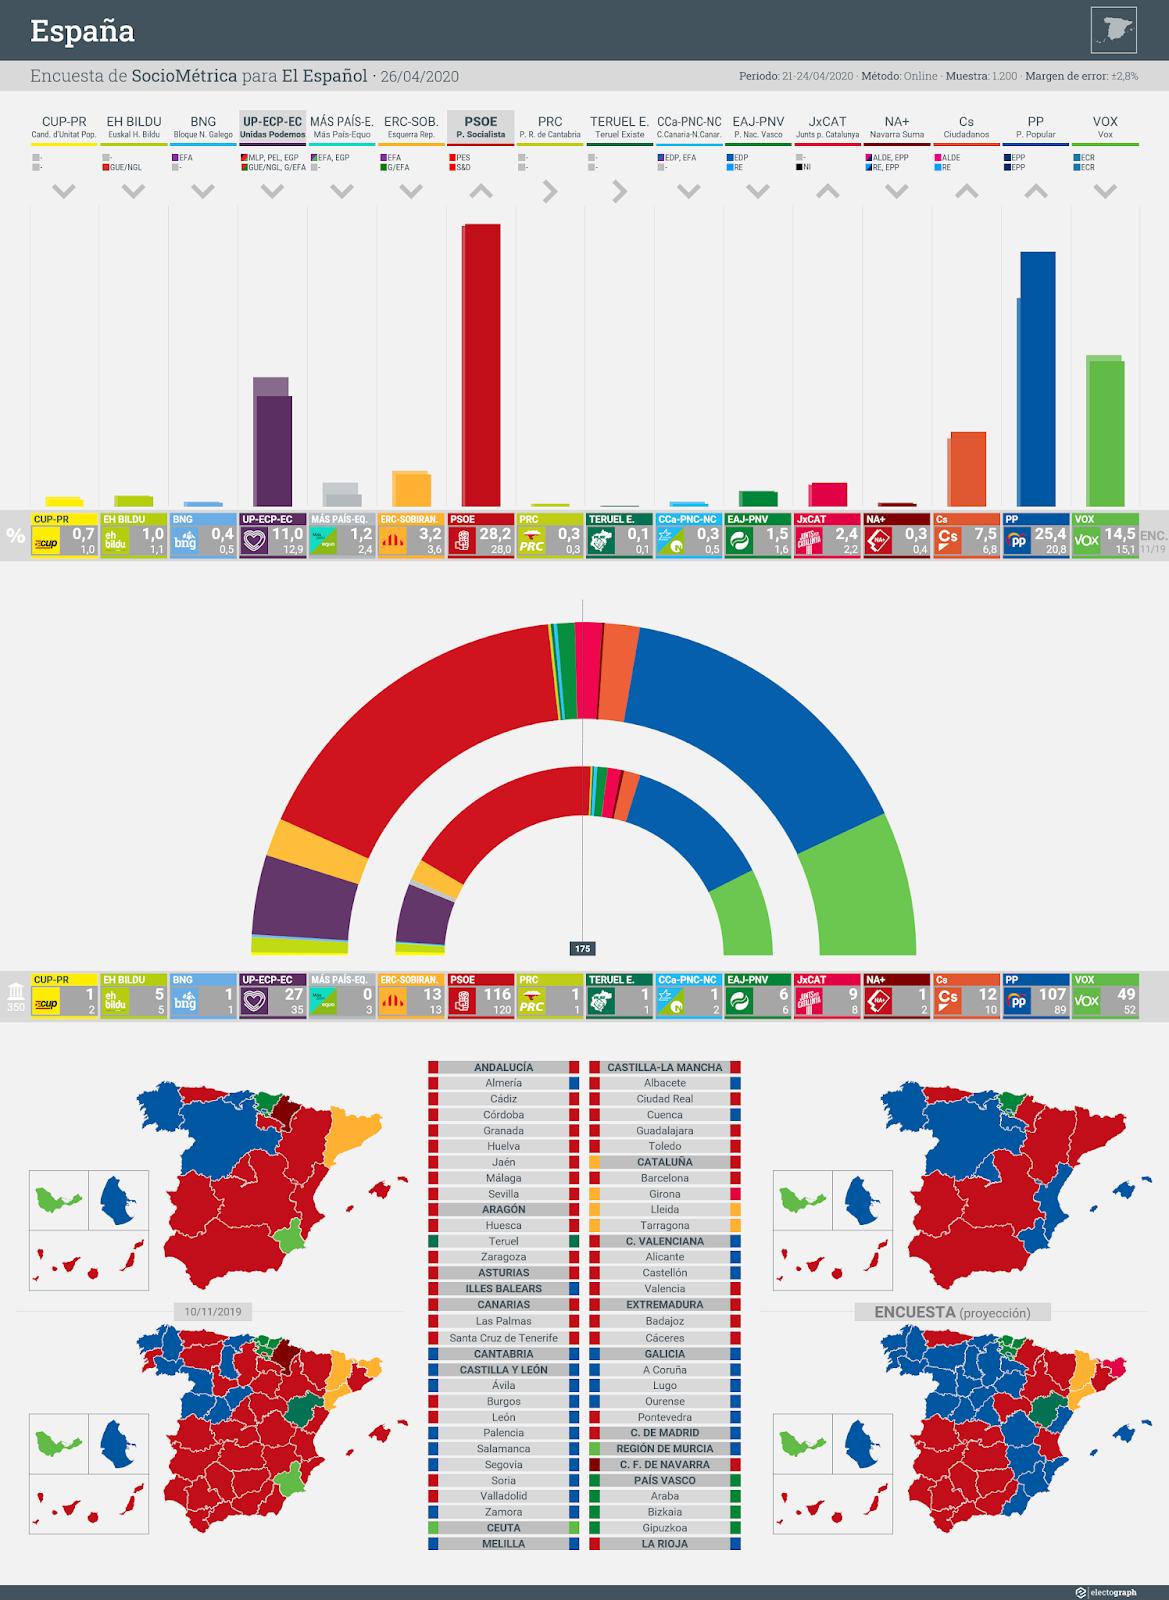 Gráfico de la encuesta para elecciones generales en España realizada por SocioMétrica para El Español, 26 de abril de 2020